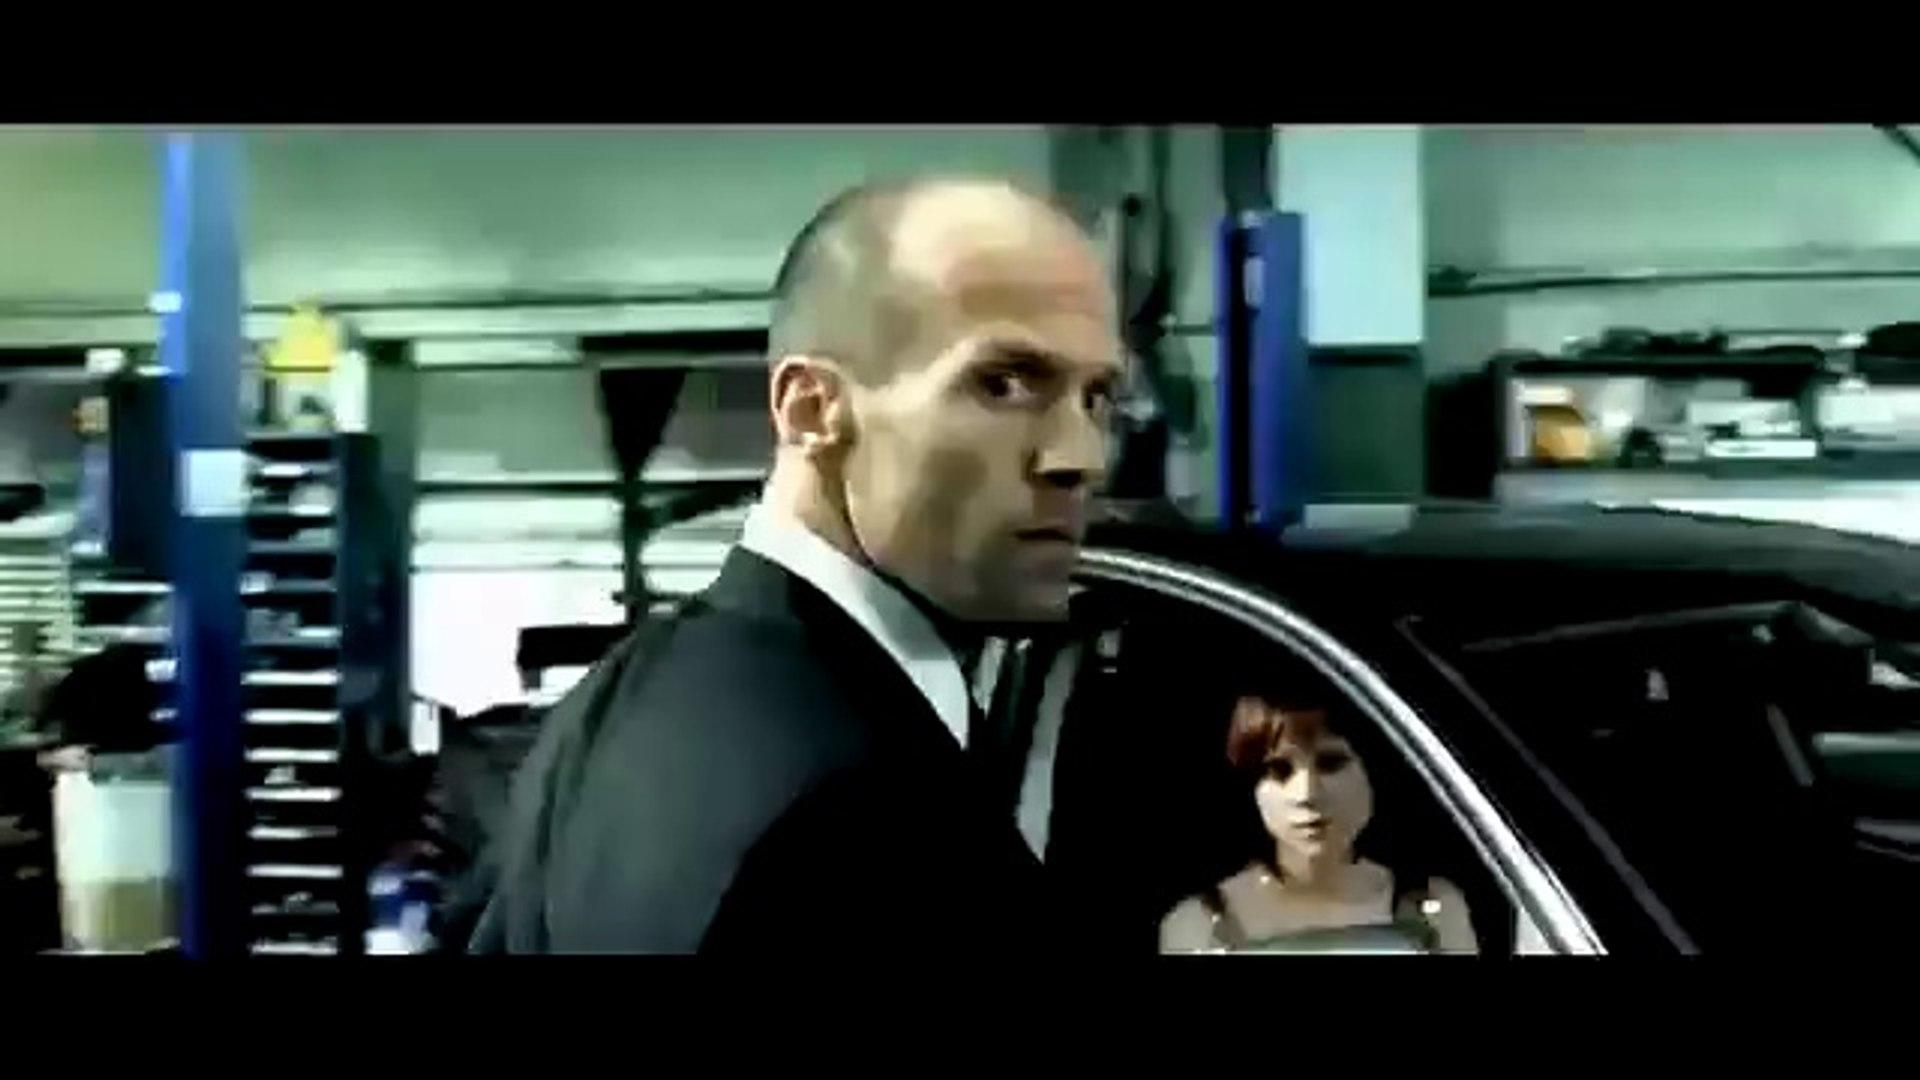 Le Transporteur 3 2008 Entier Francais Video Dailymotion